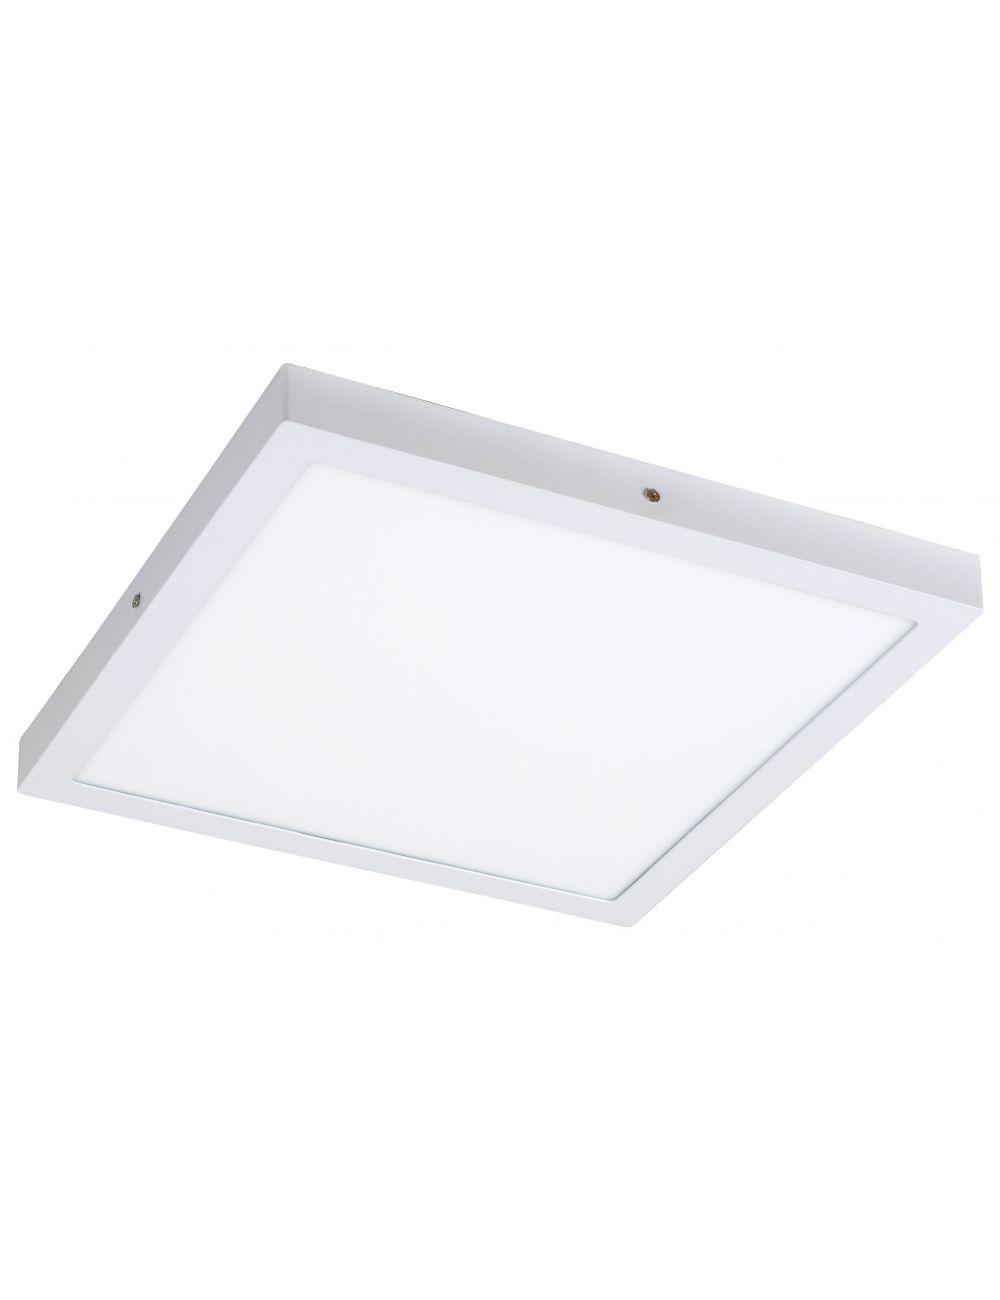 Plafon sufitowy ledowy kwadratowy natynkowy 40 cm Lois biały Rabalux 2666